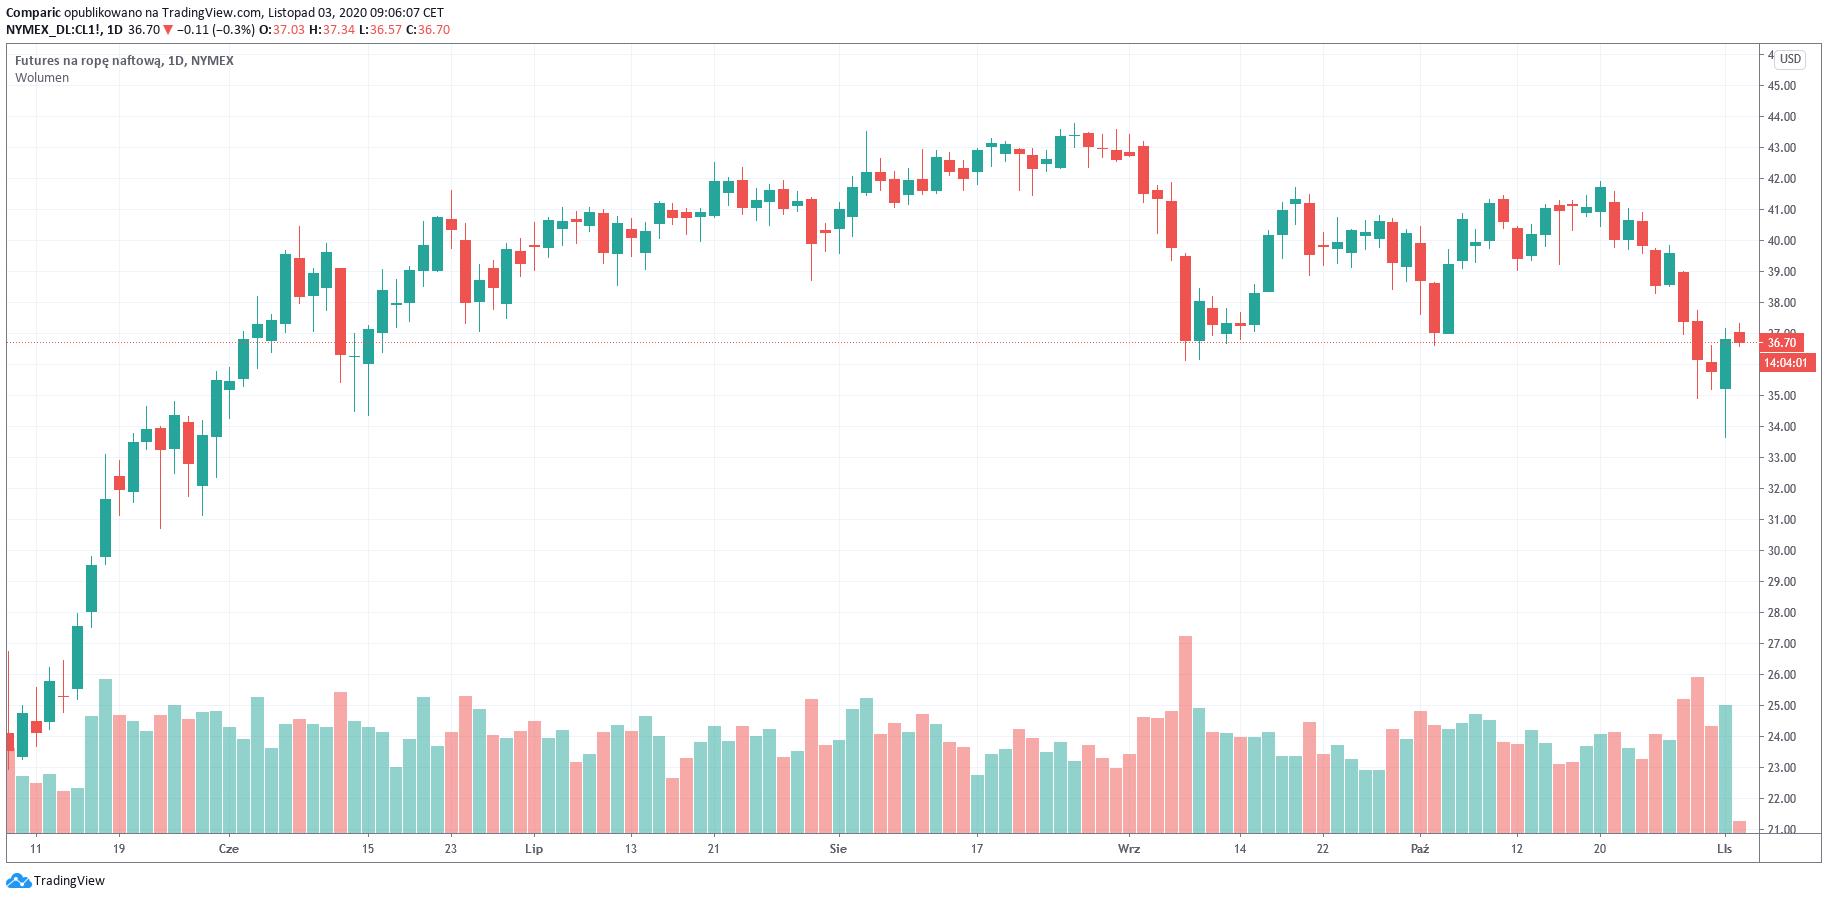 Cena ropy spada, ale ma jeszcze daleko do minimów z poniedziałku